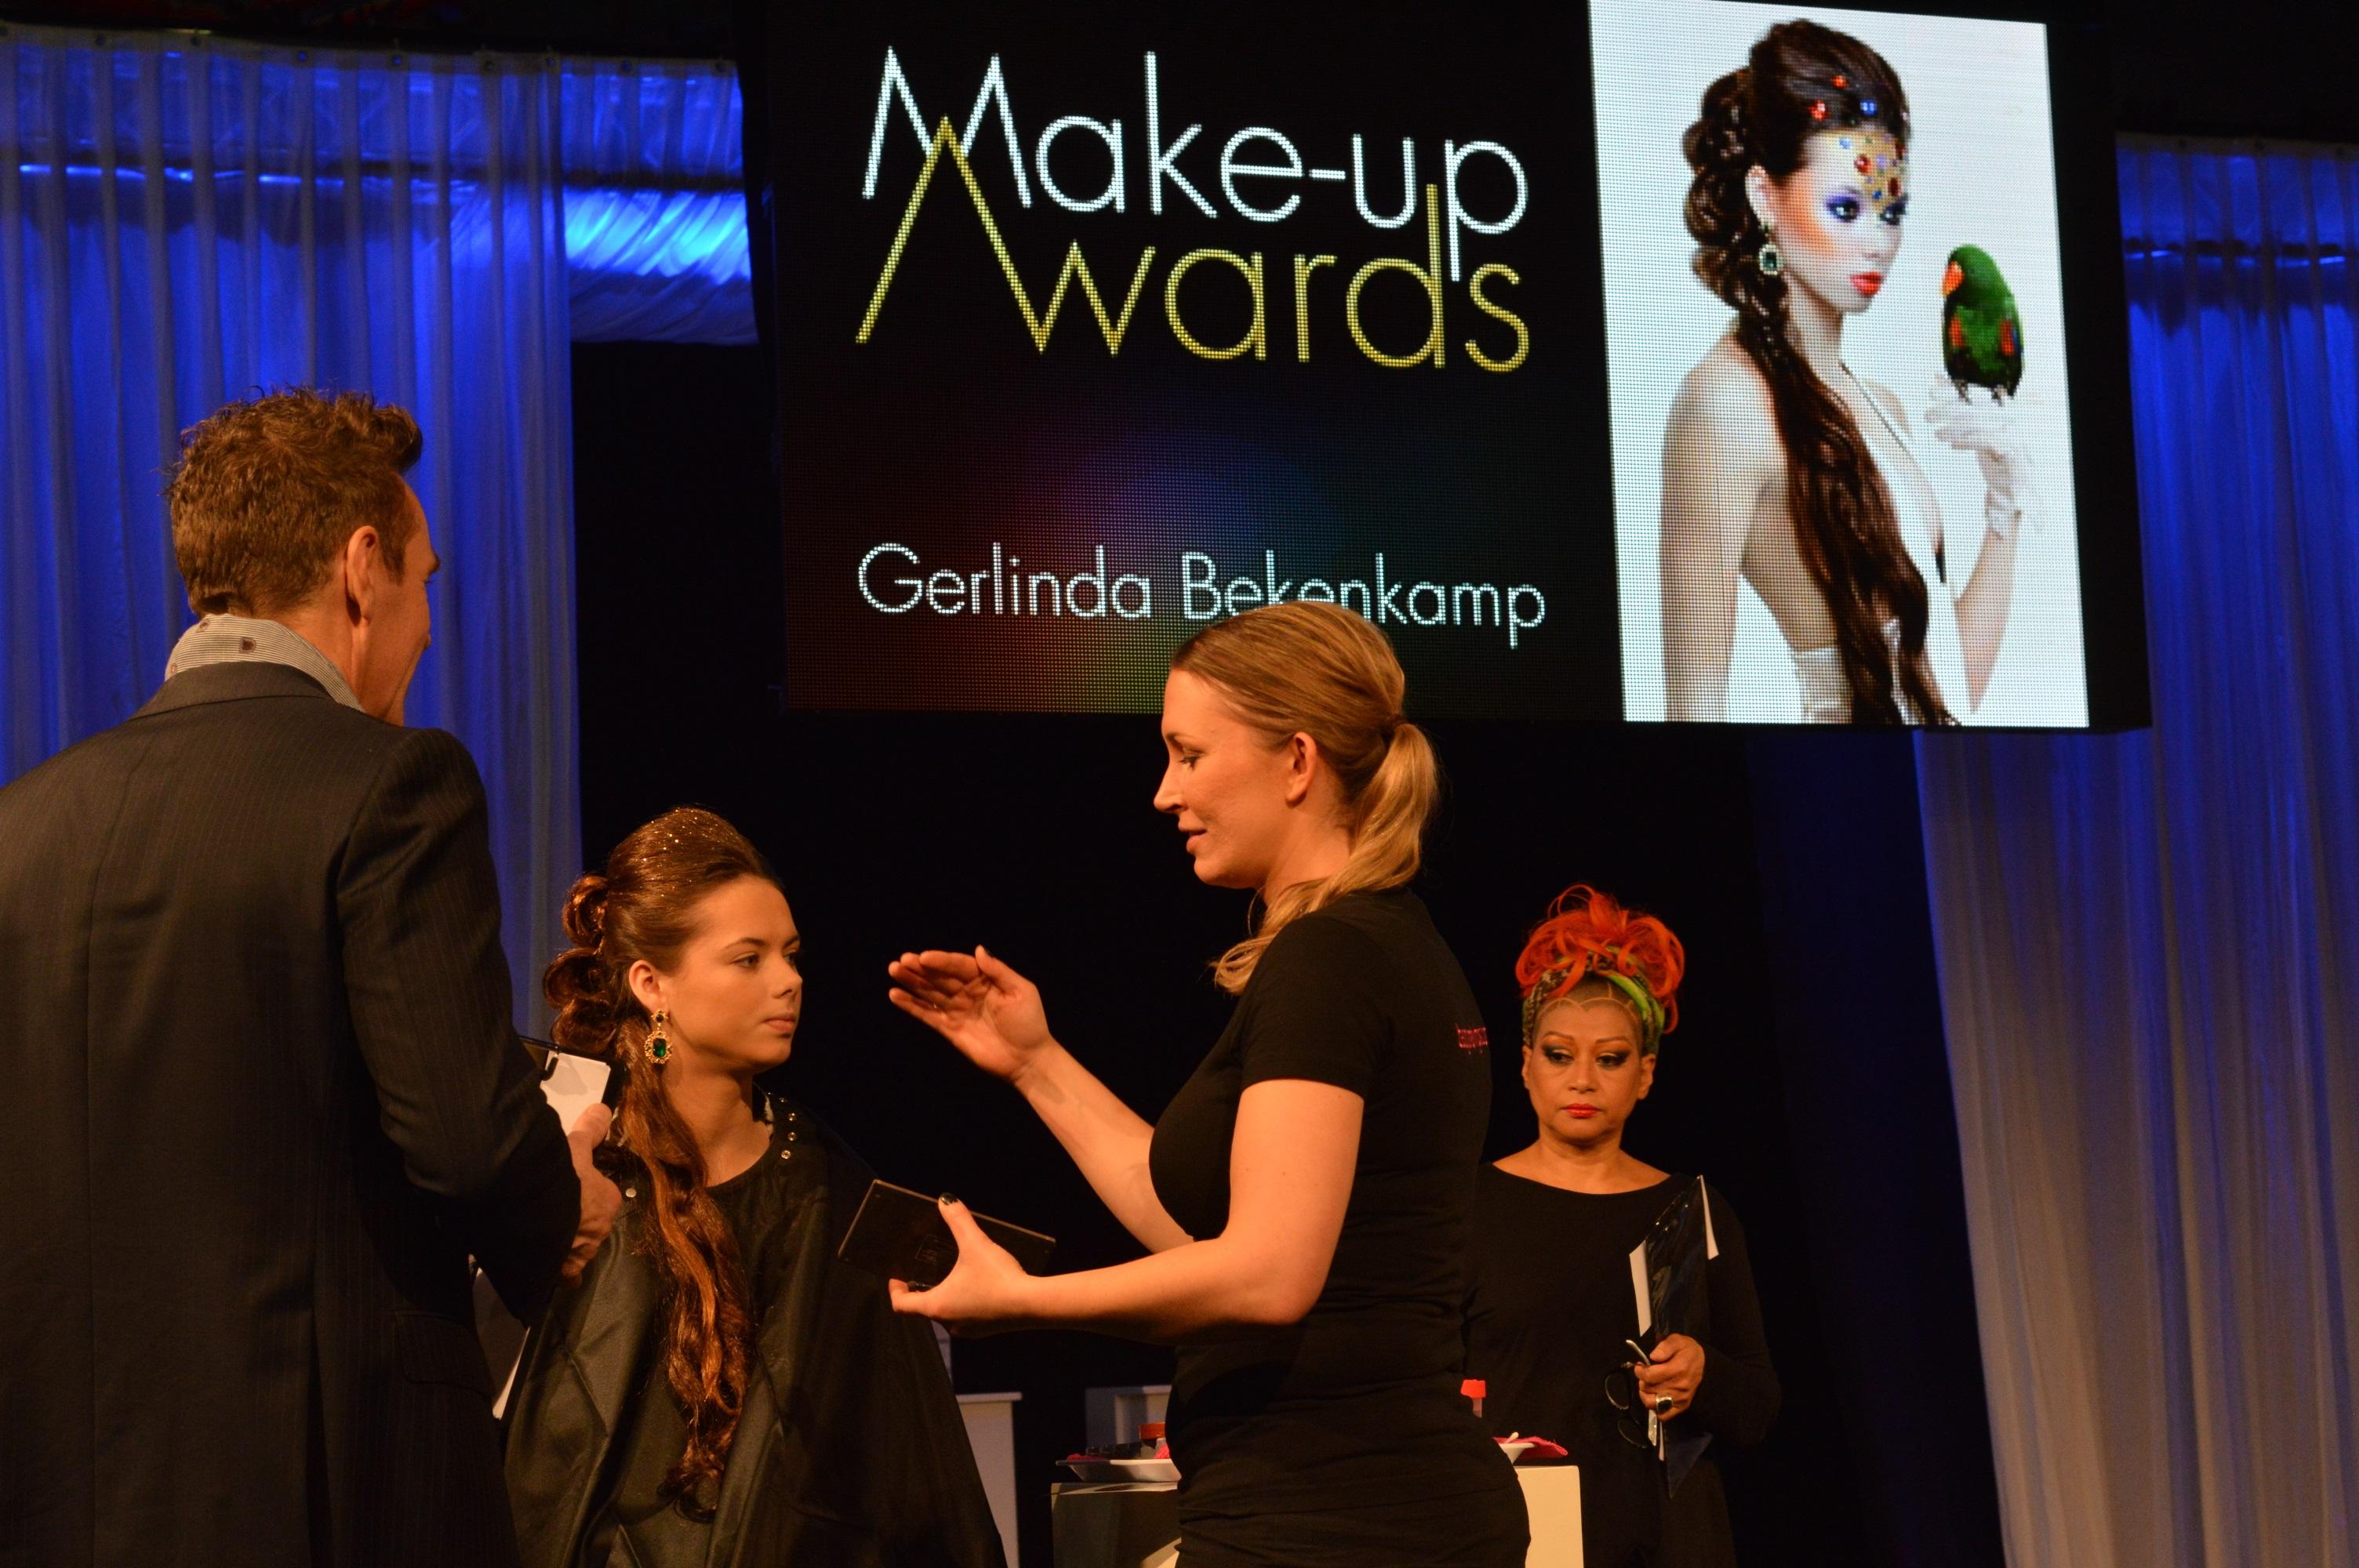 Ook nog even in beeld tijdens de make up awards - Blog Carine Belzon Fotografie